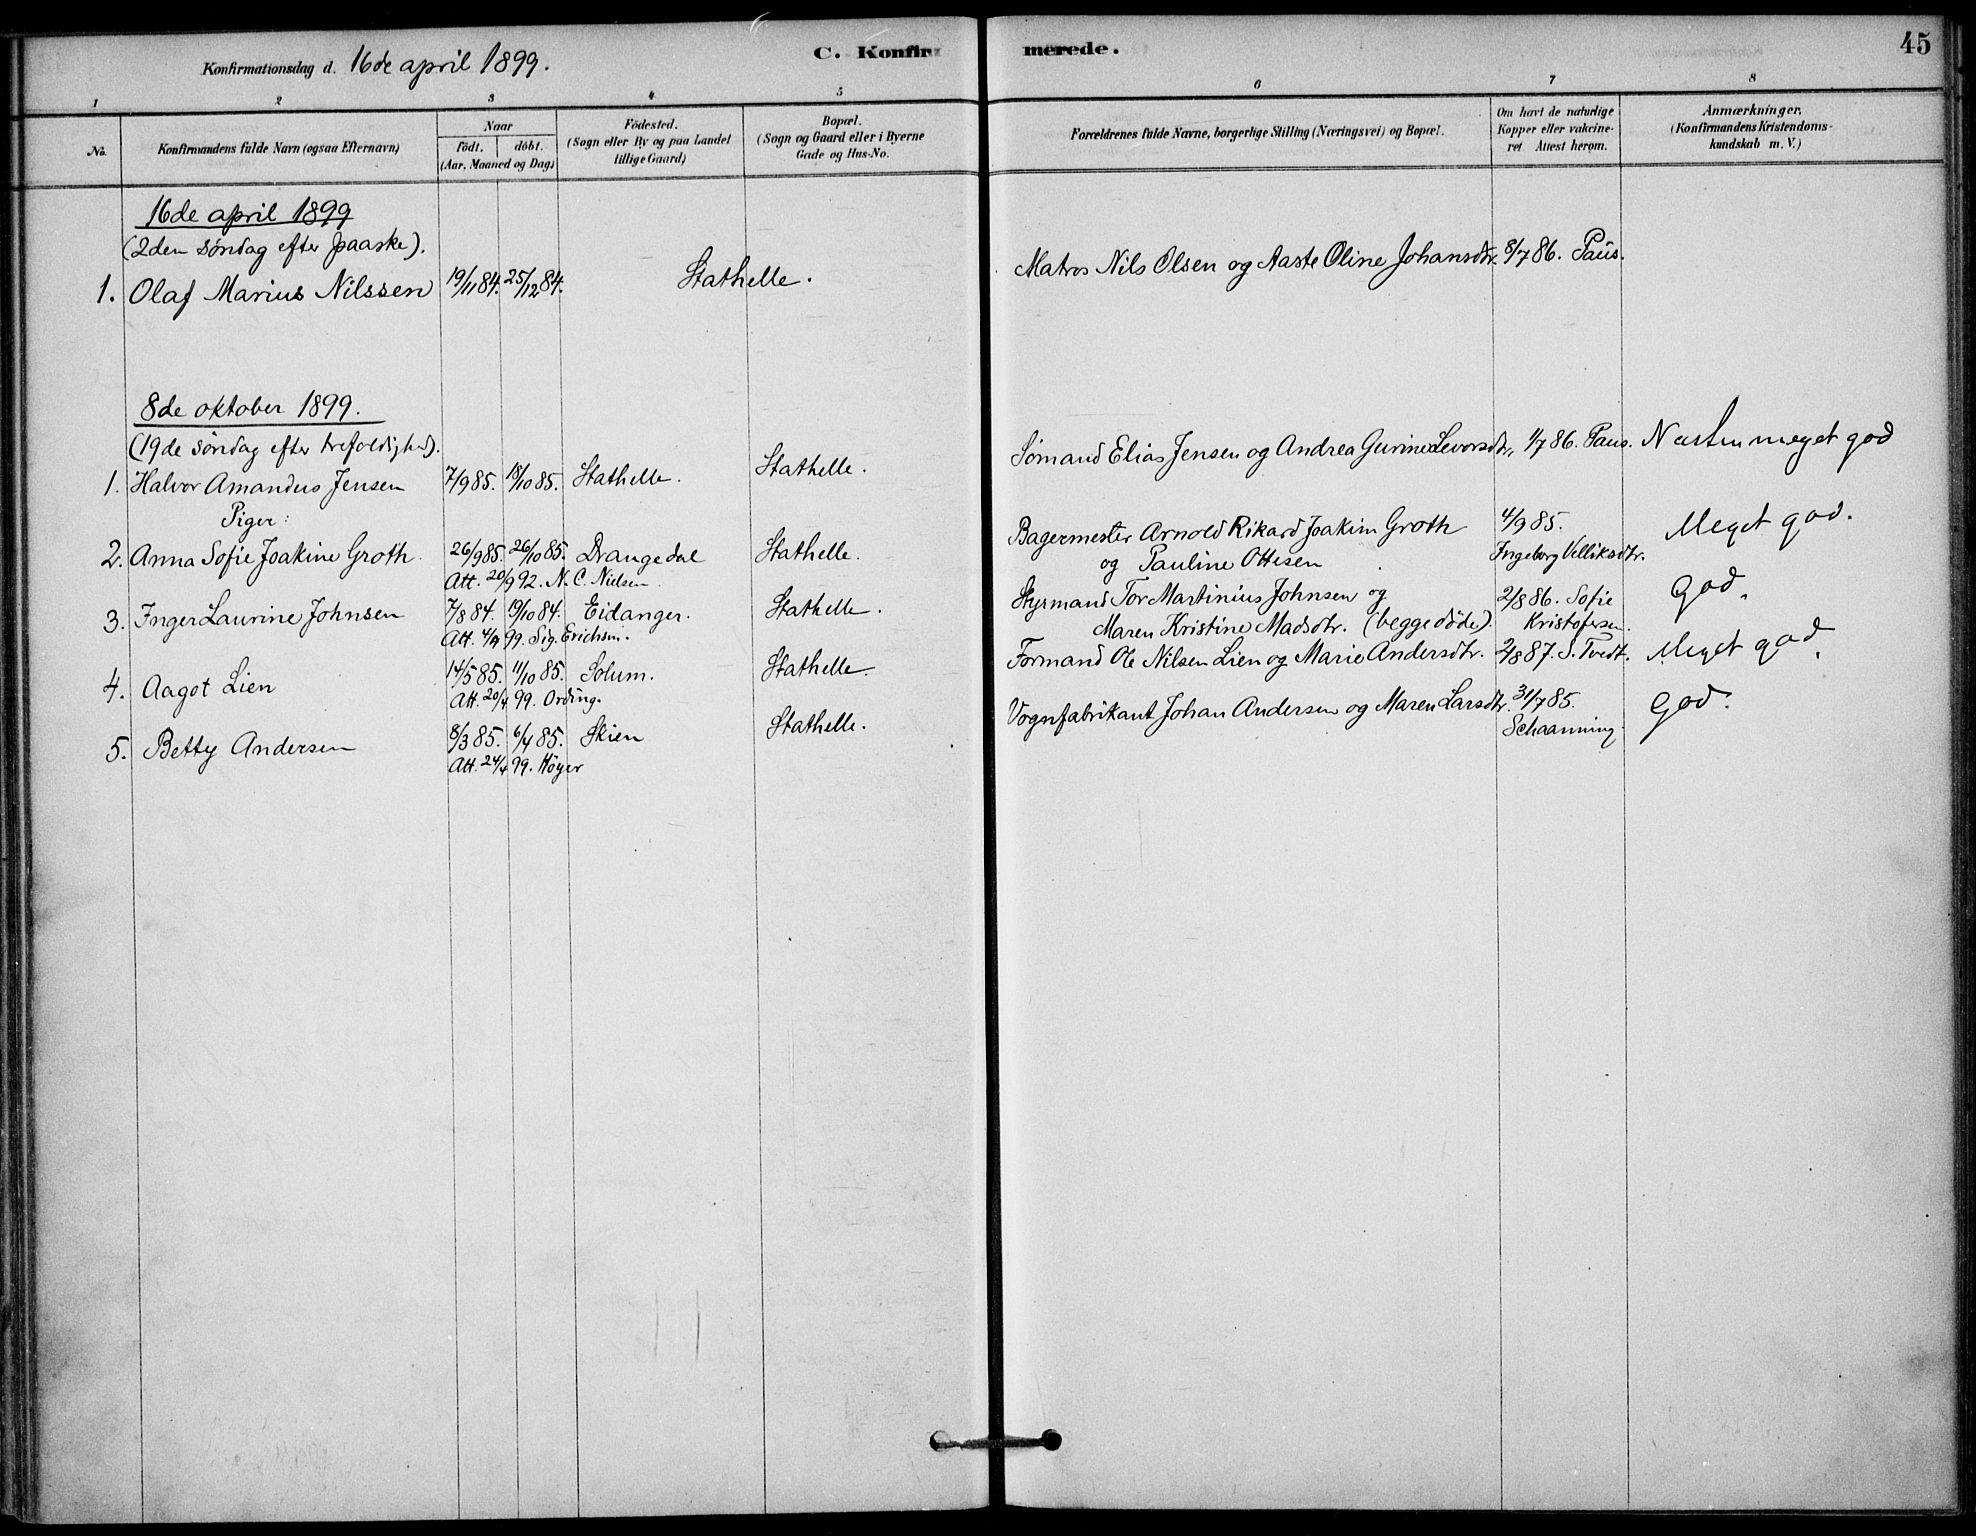 SAKO, Bamble kirkebøker, G/Gb/L0001: Klokkerbok nr. II 1, 1878-1900, s. 45